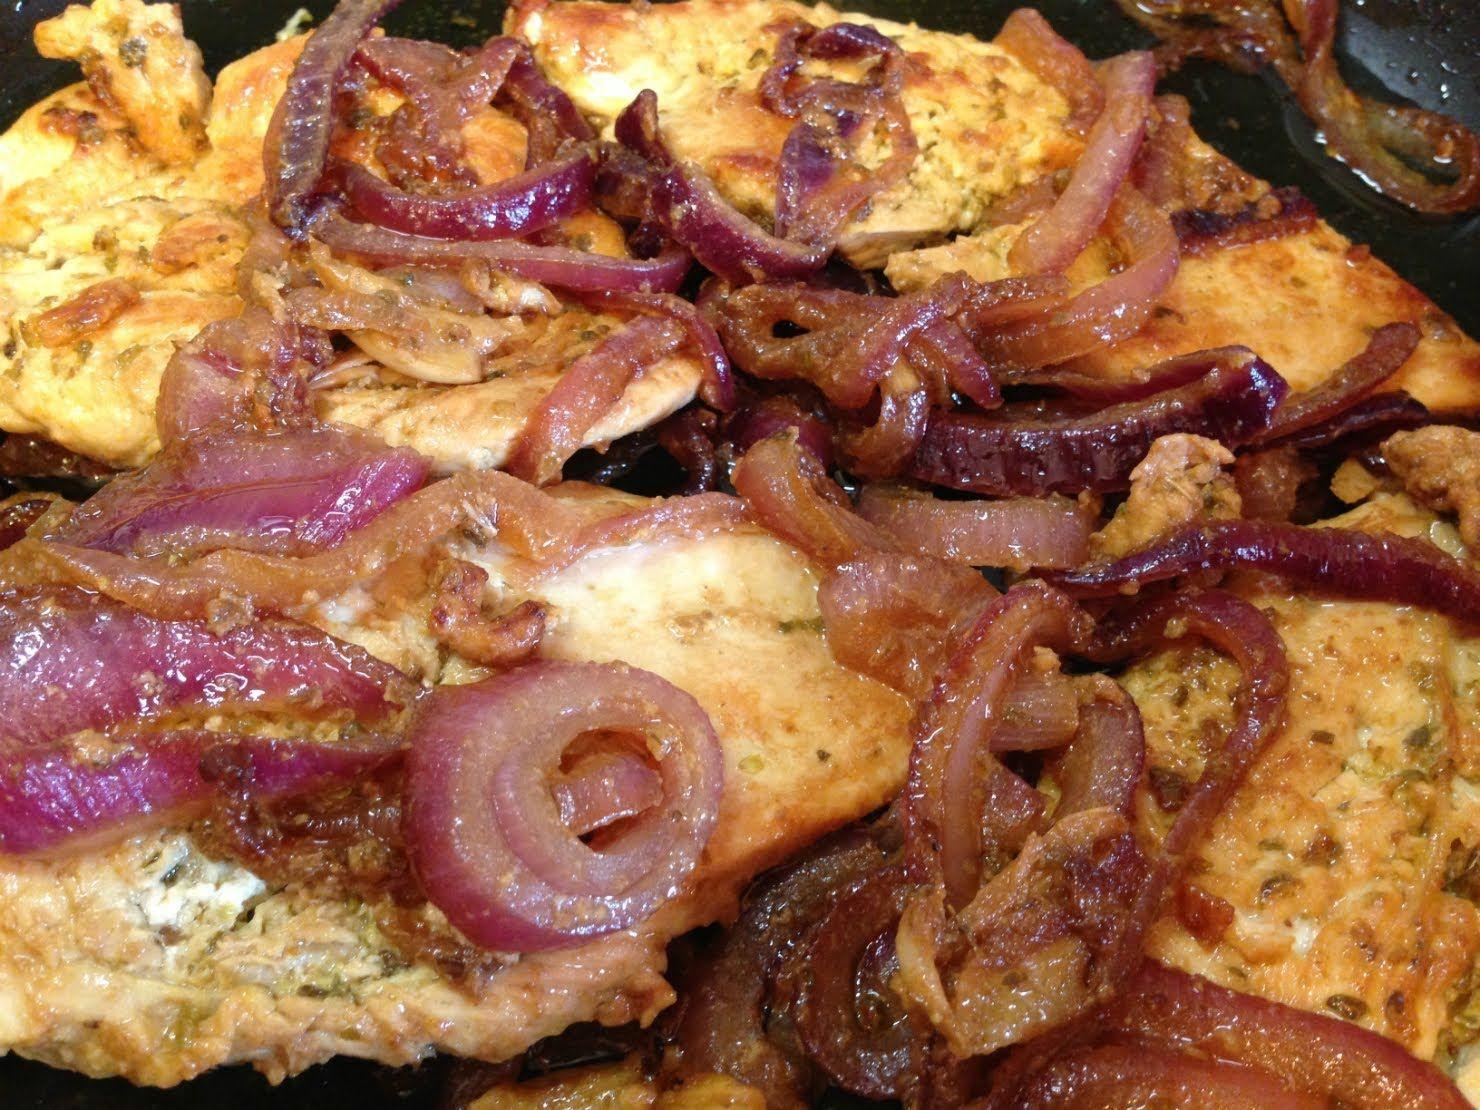 Pollo encebollado puerto rican chicken sauted onions recipe pollo encebollado puerto rican chicken sauted onions recipe ecorico forumfinder Image collections